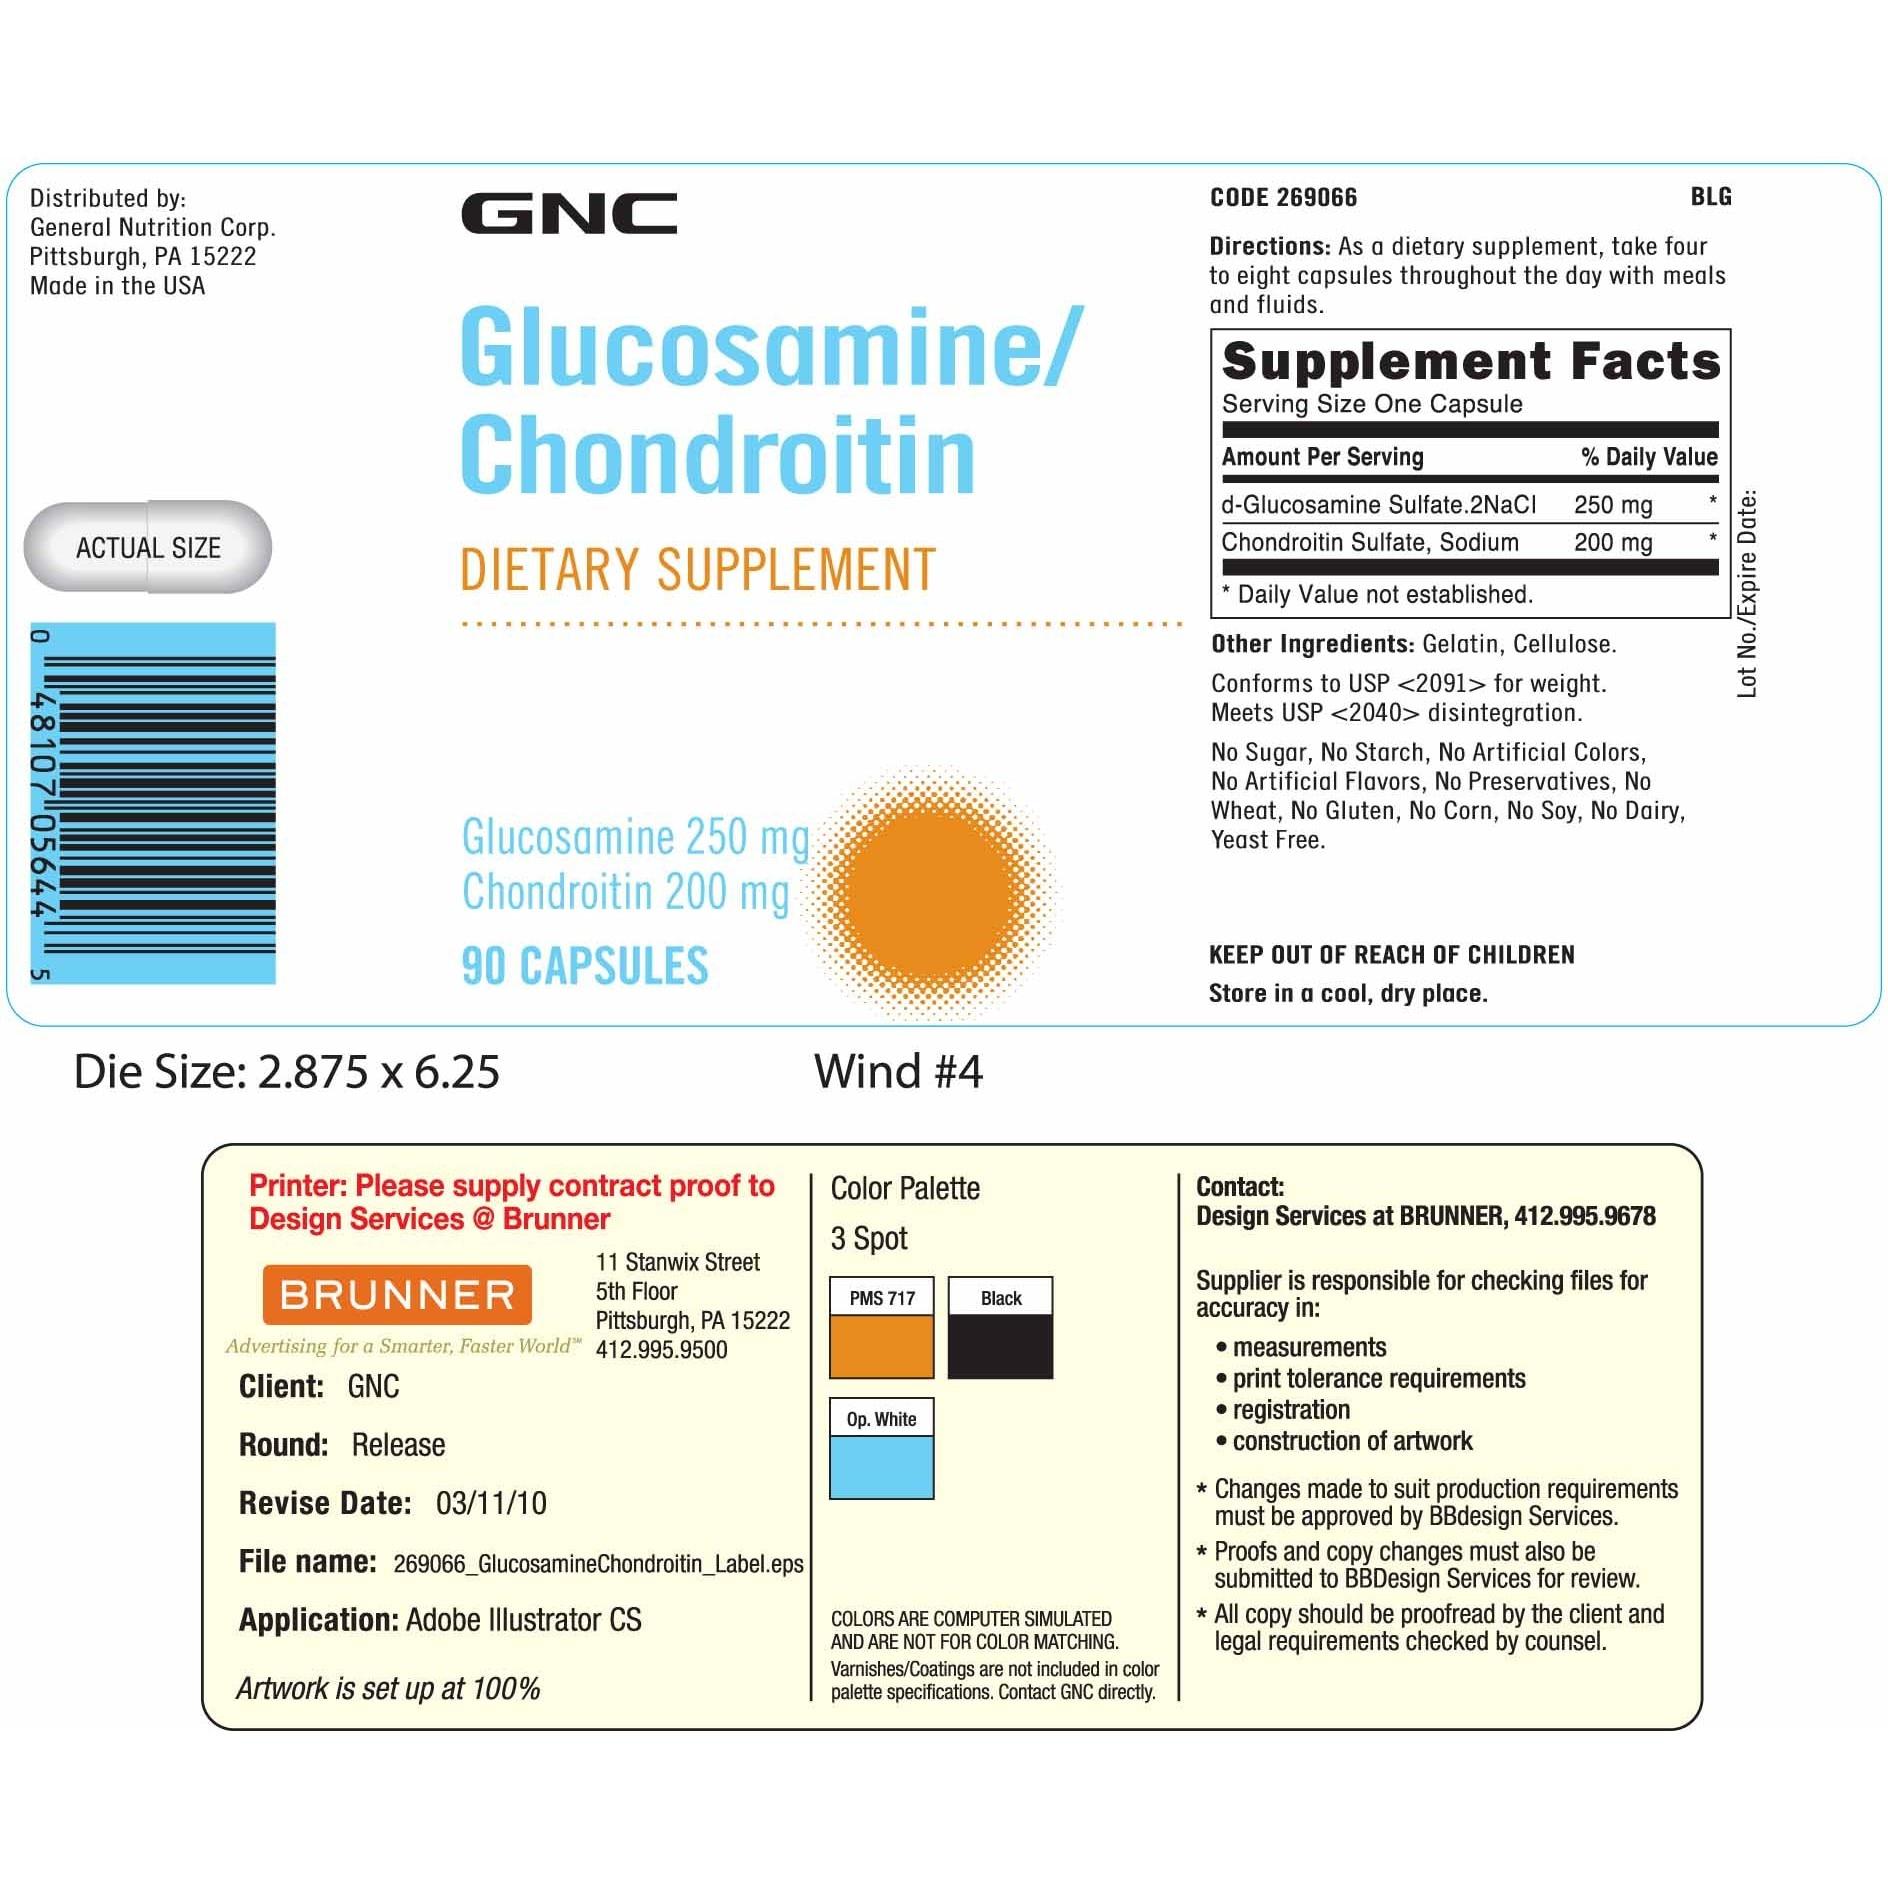 Respectă condroitina glucozamină